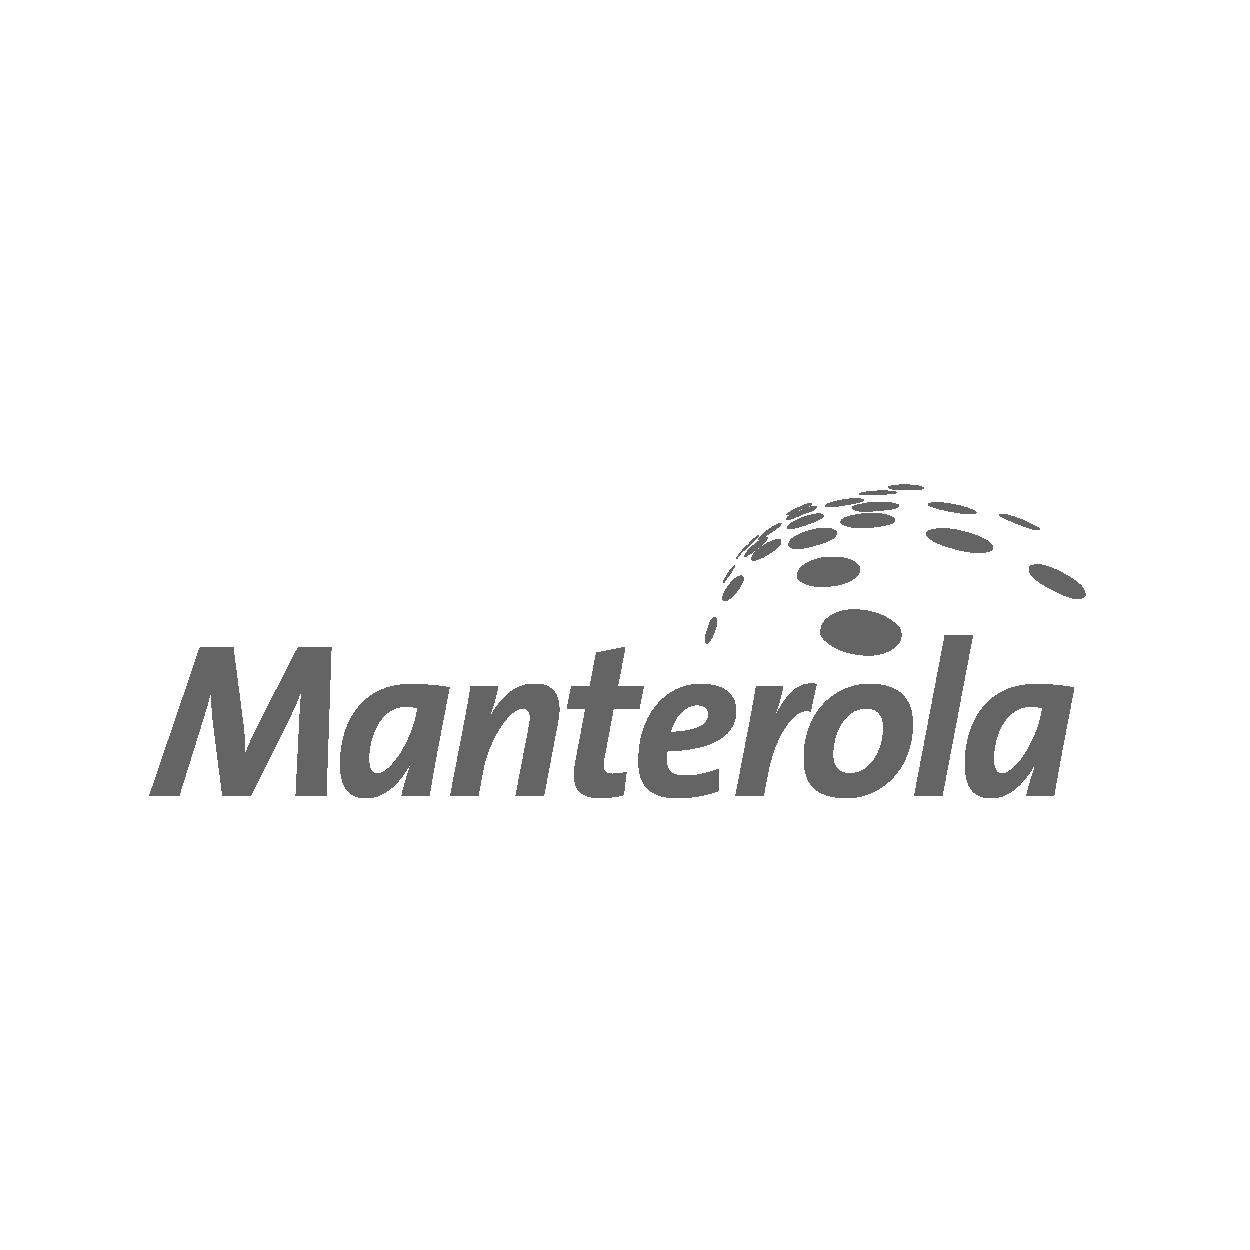 logo_Manterola.png